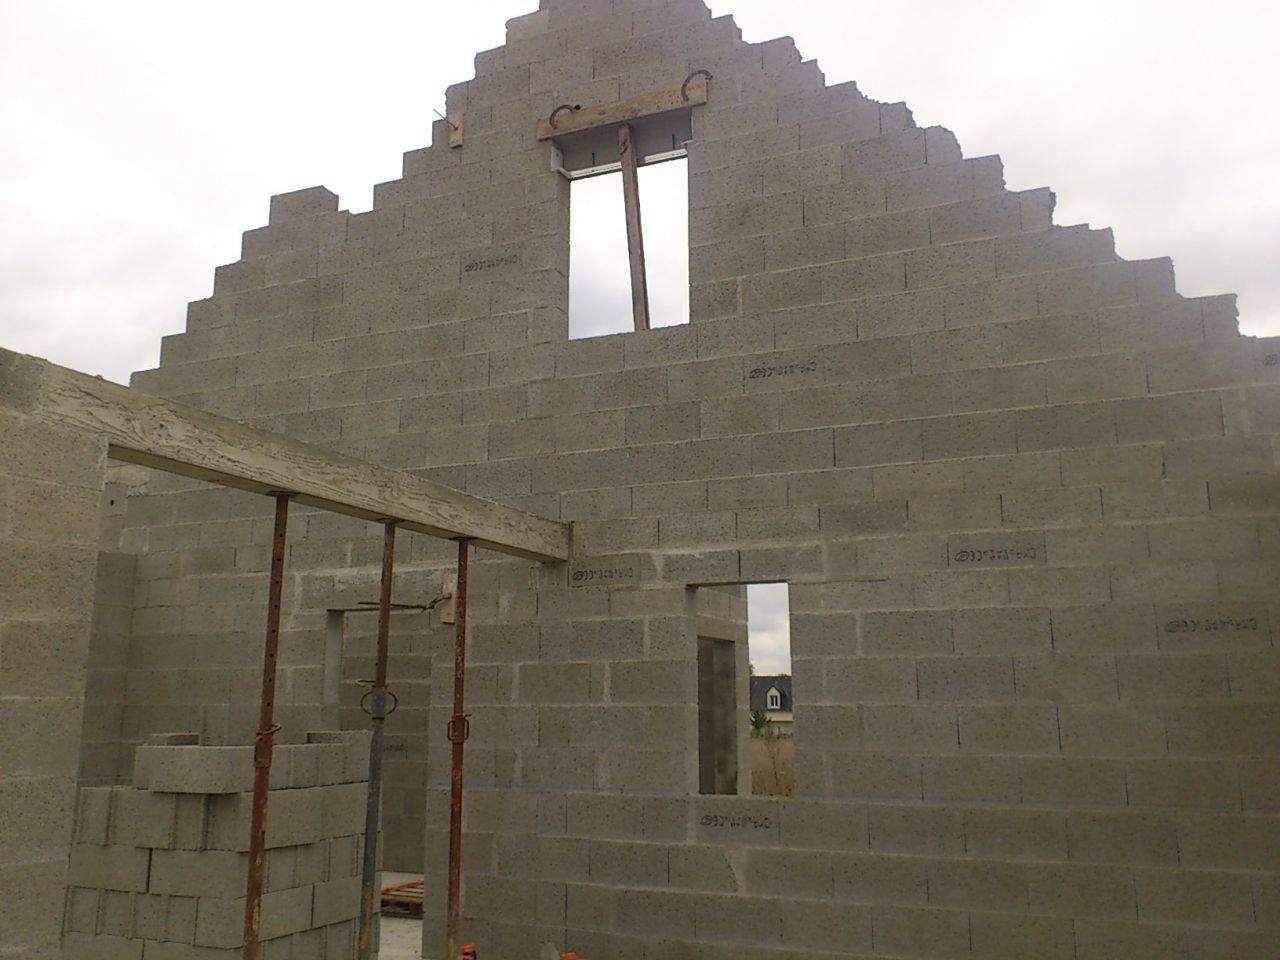 Détail intérieur : en haut, notre fenêtre de chambre et en bas, fenêtre SDB du RDC